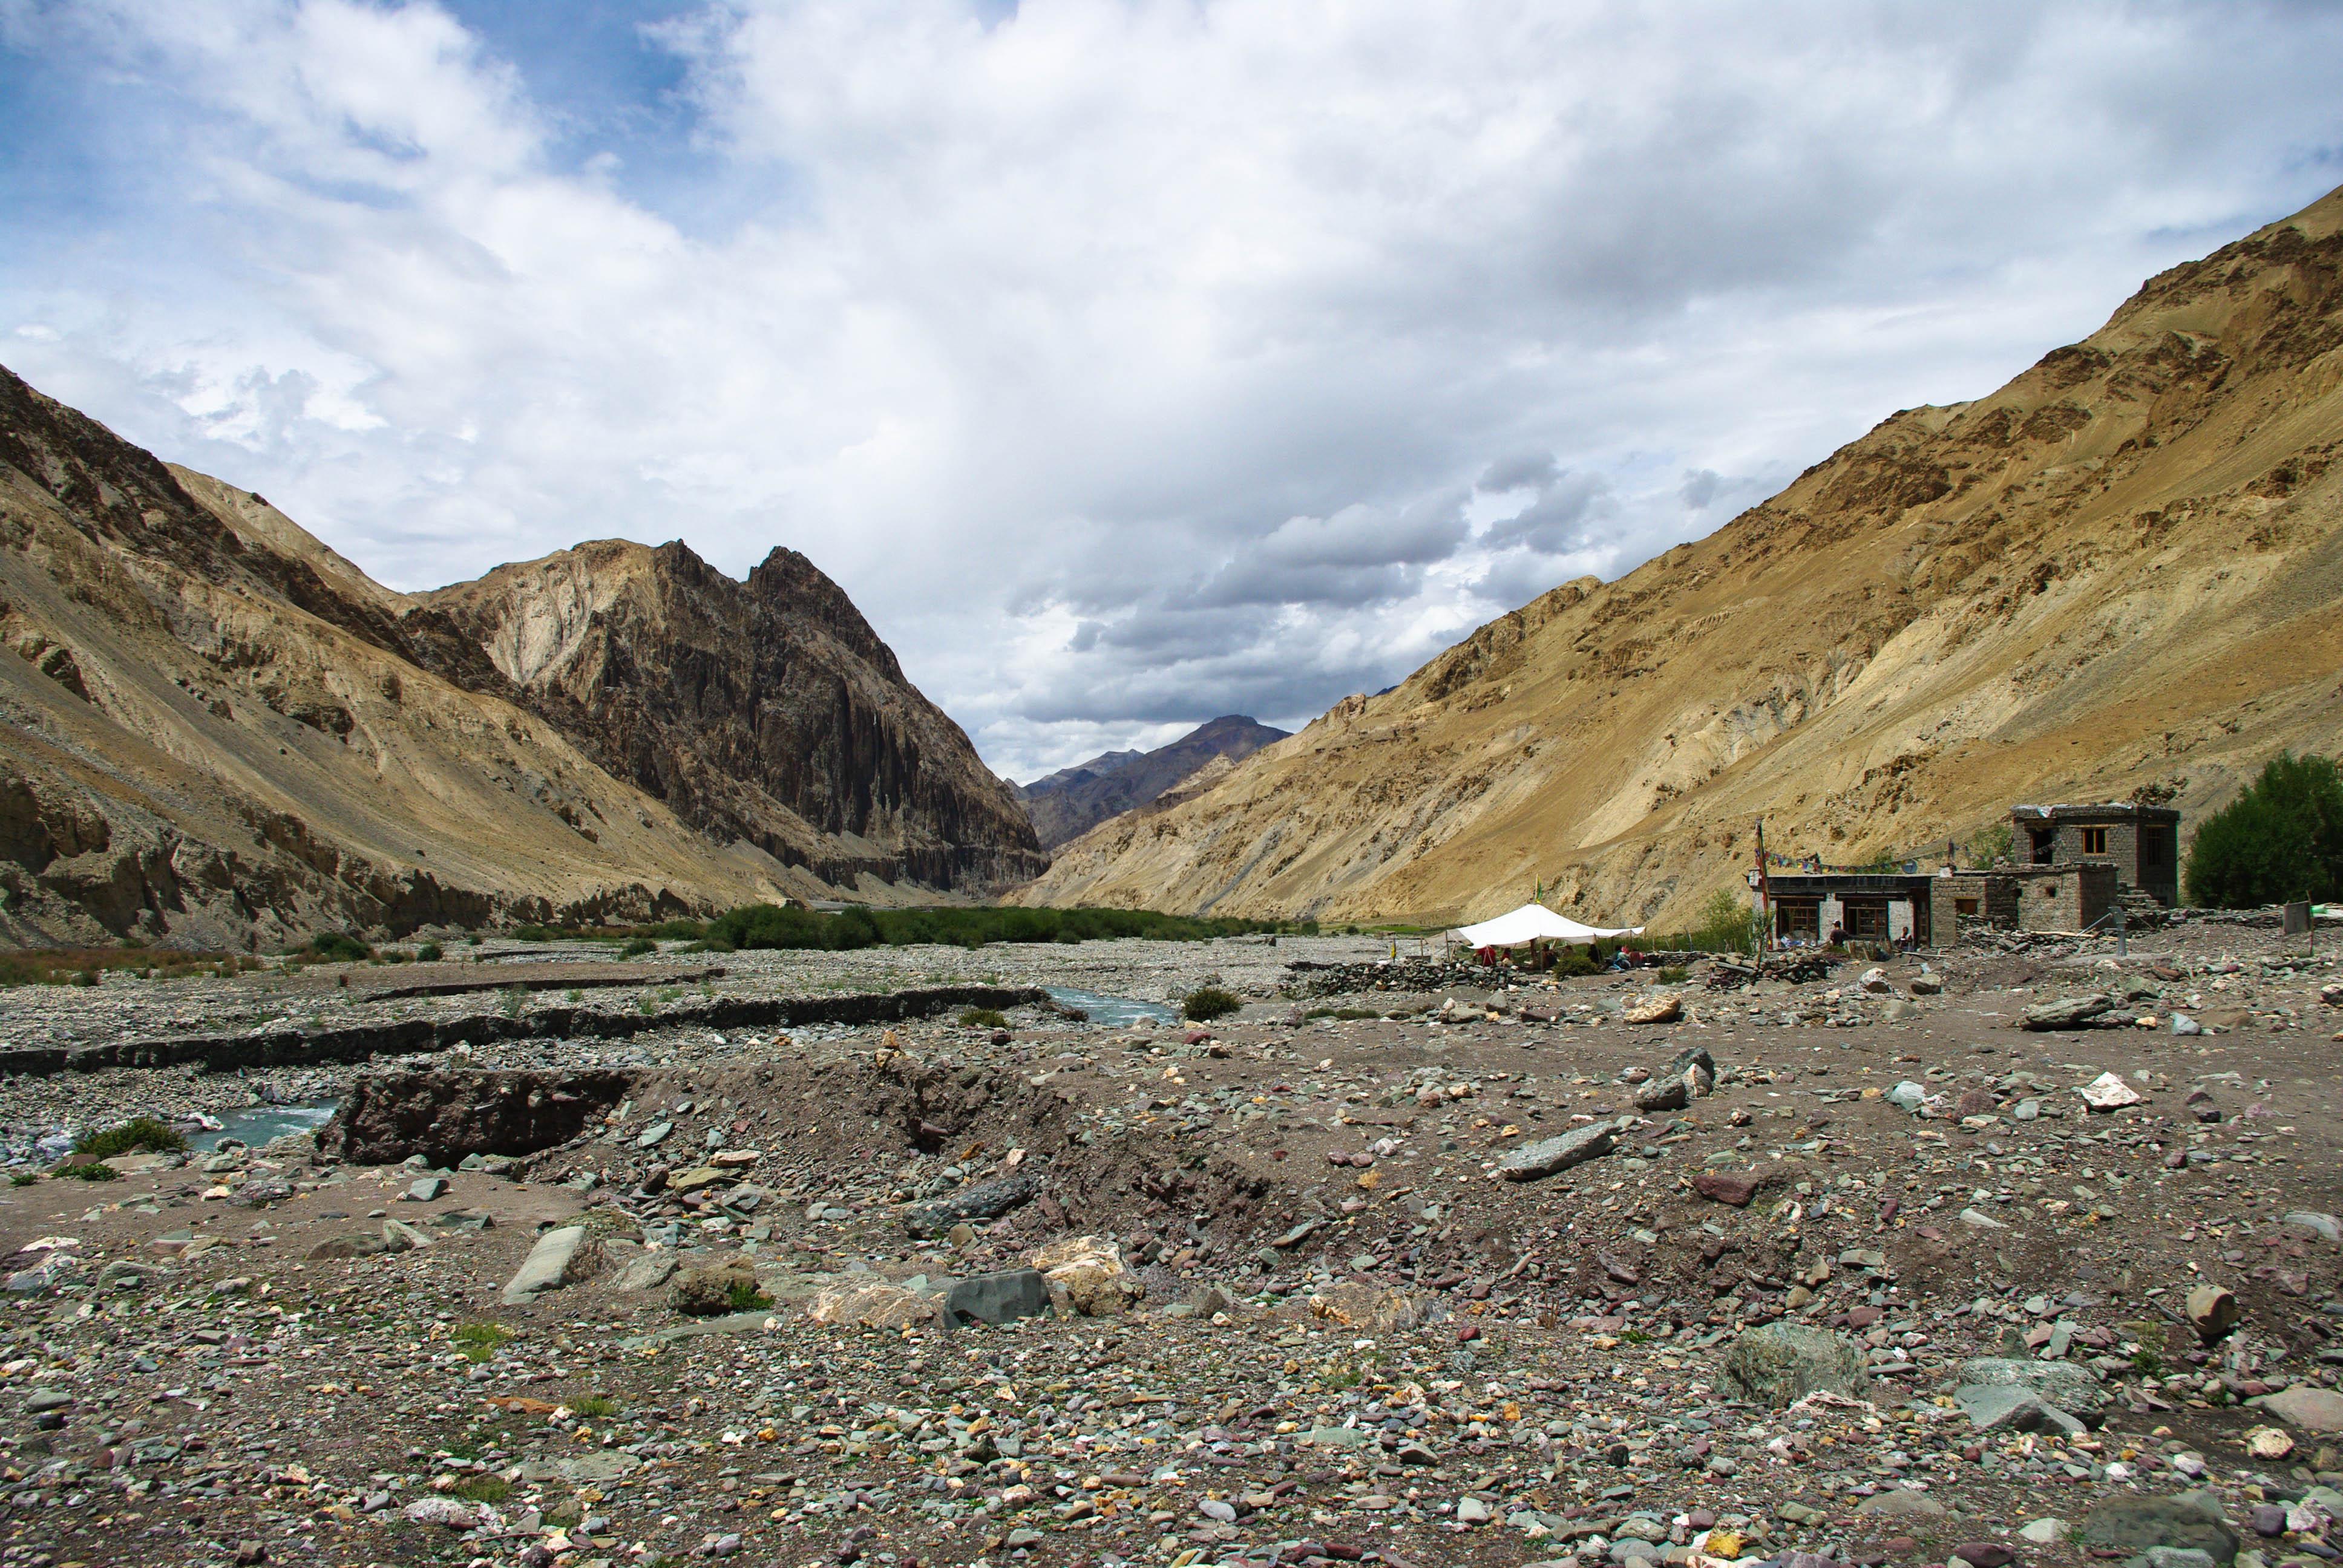 Деревня Hangkar в Гималаях